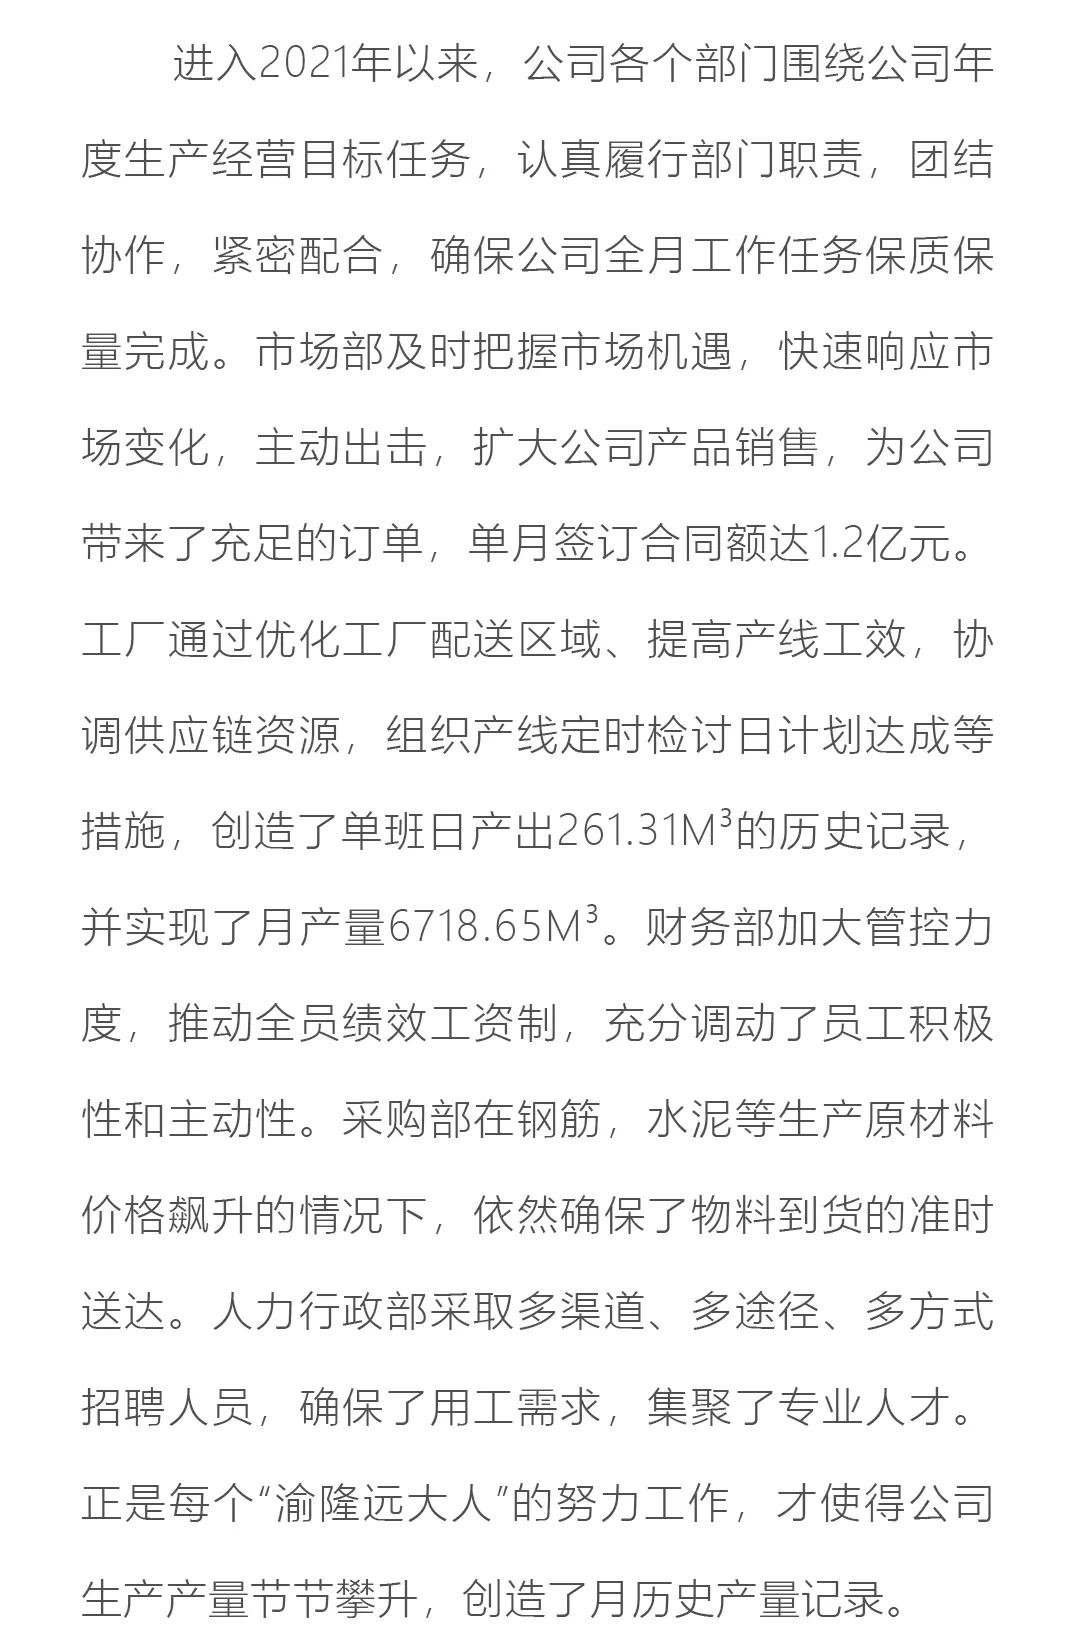 渝隆远大公司单月签订合同额达1.2亿元 单班月产能突破6700余方